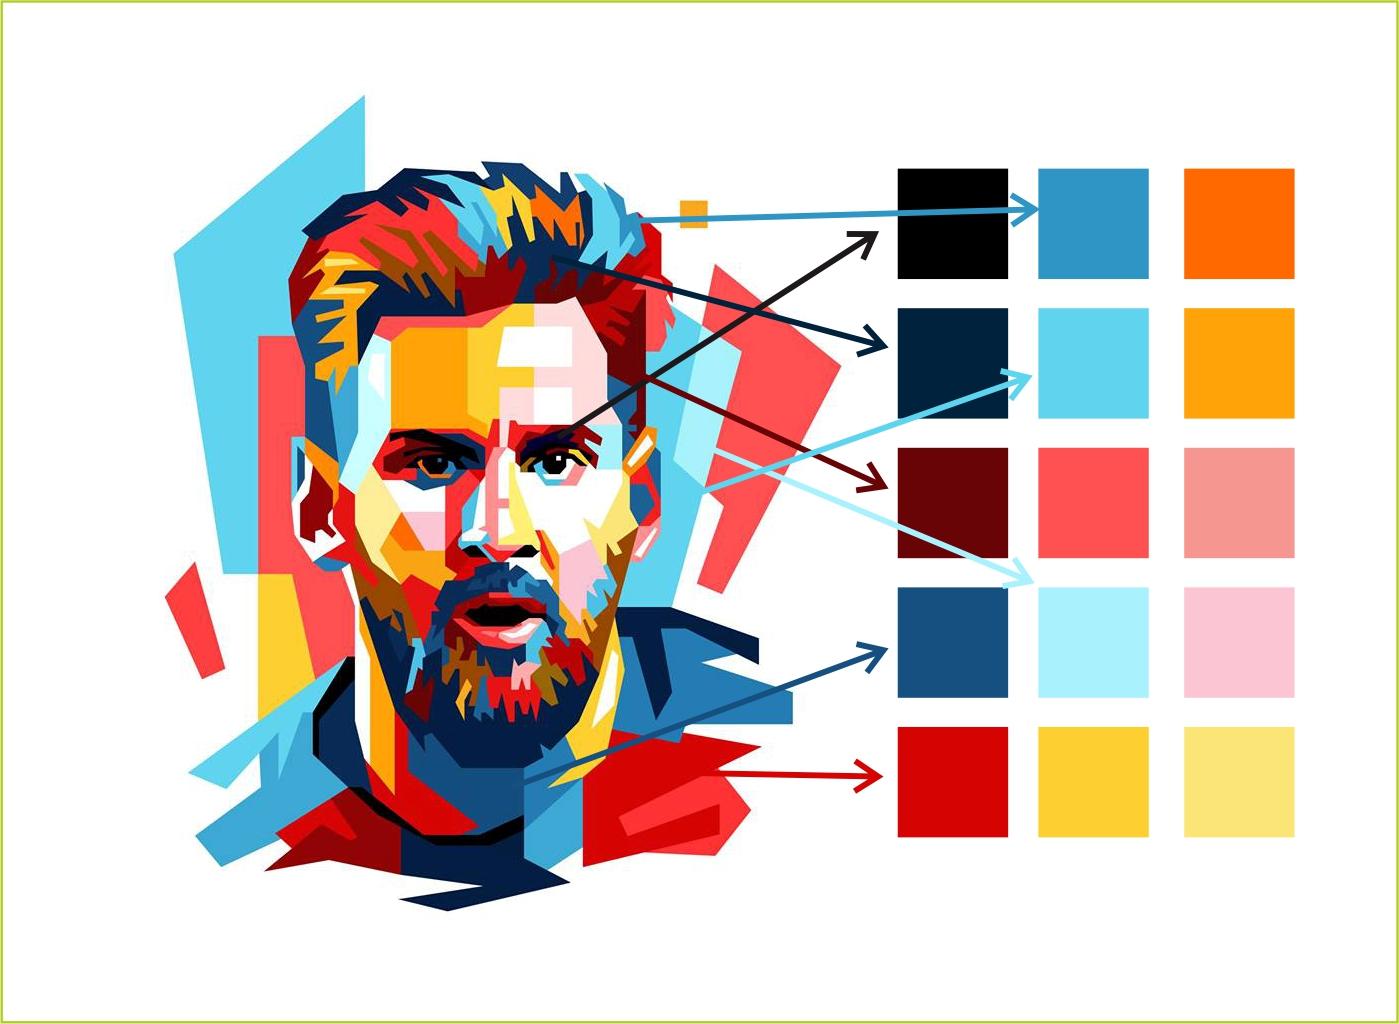 Cara Membuat Palet Warna dari Gambar WPAP di CorelDRAW | Belajar CorelDRAW - Belajar CorelDRAW